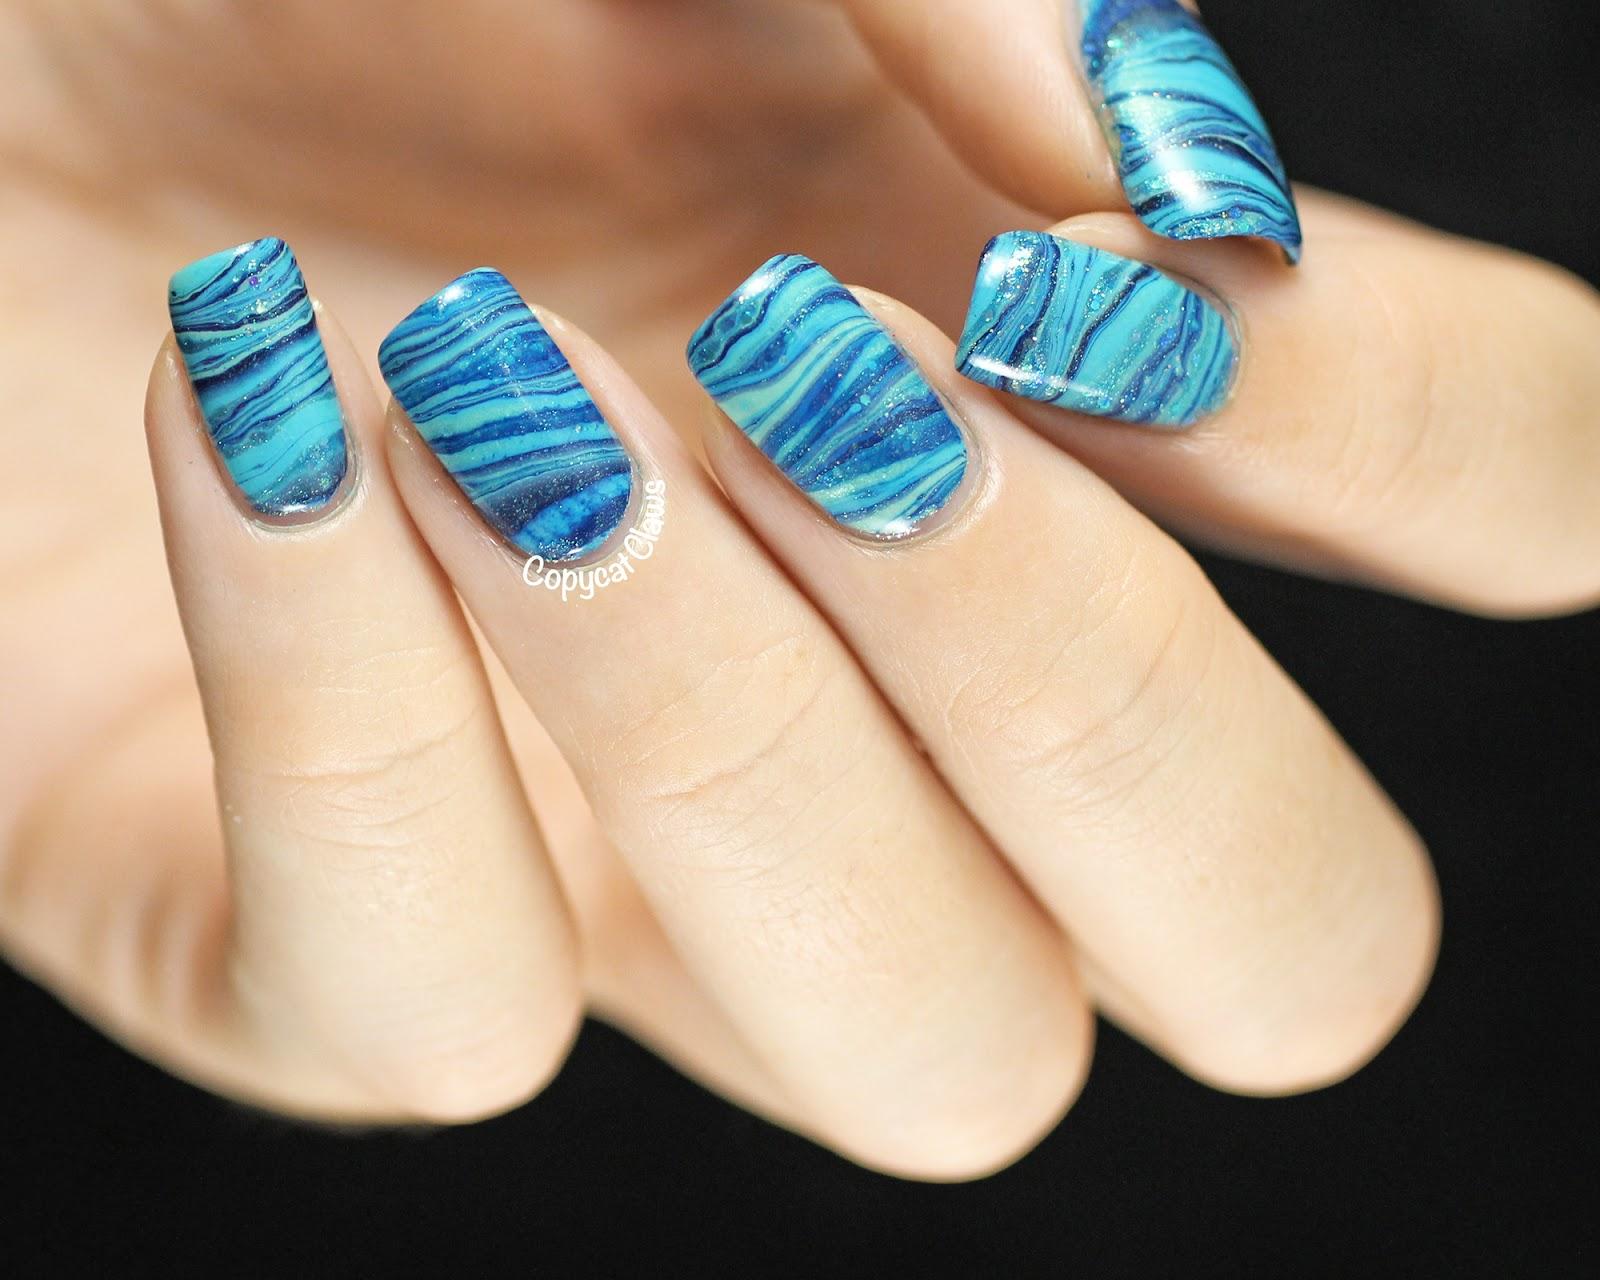 Дизайн ногтей в синих и голубых тонах фото